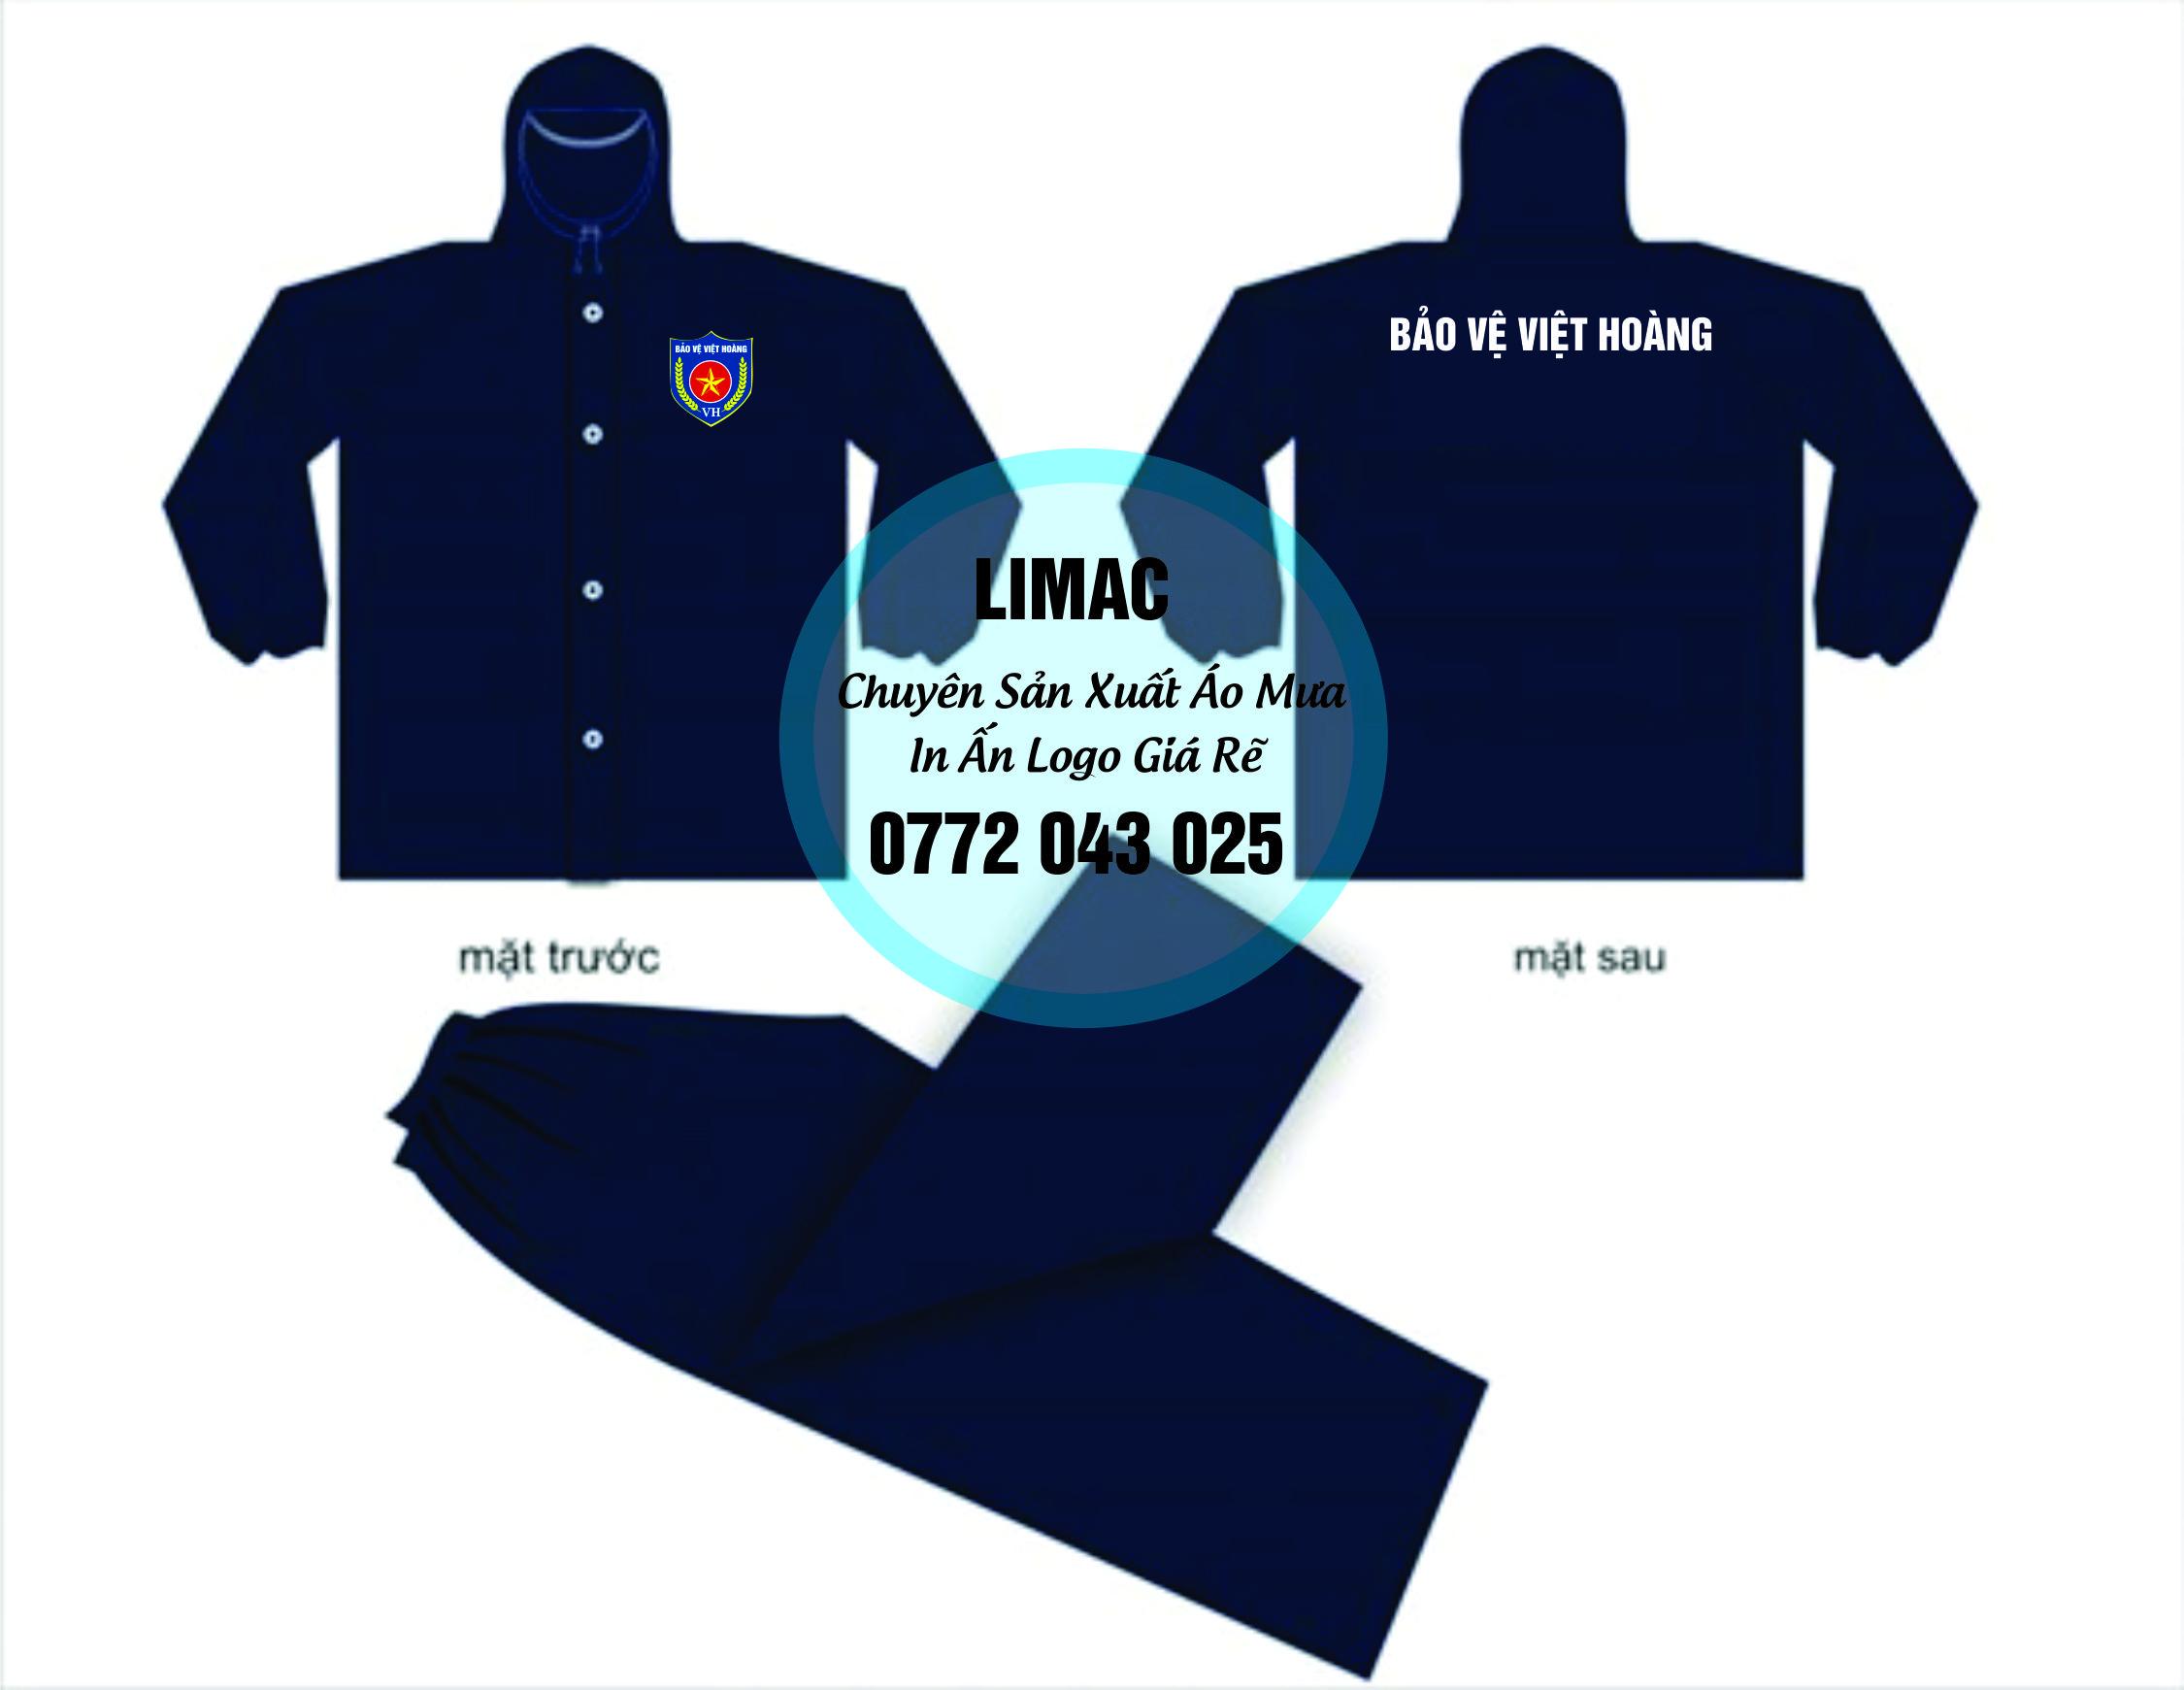 Chuyên sản xuất áo mưa bộ in logo cho các công ty bảo vệ